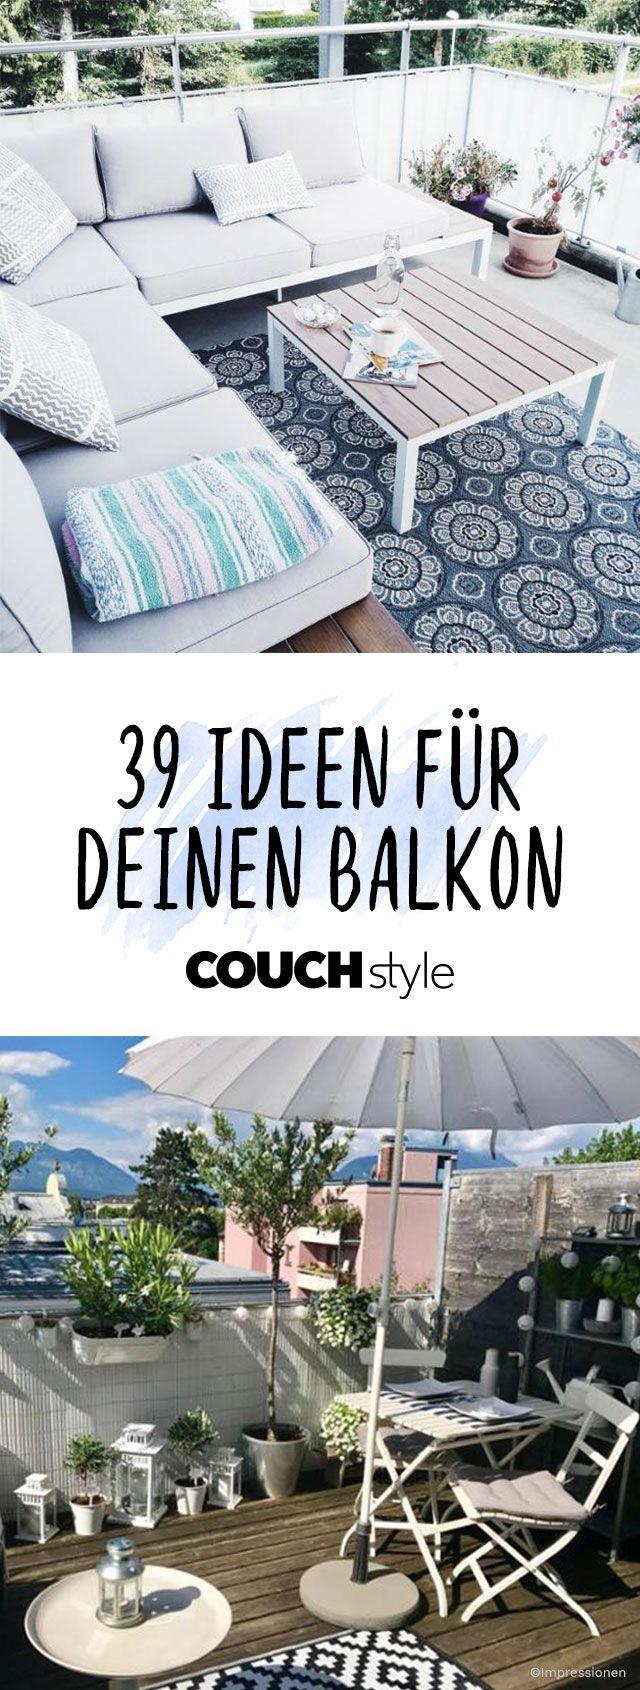 Balkon Dekorieren: Wir Zeigen Dir Die Schönsten Balkonmöbel Und  Einrichtungsideen Für Dein Outdoor Wohnzimmer